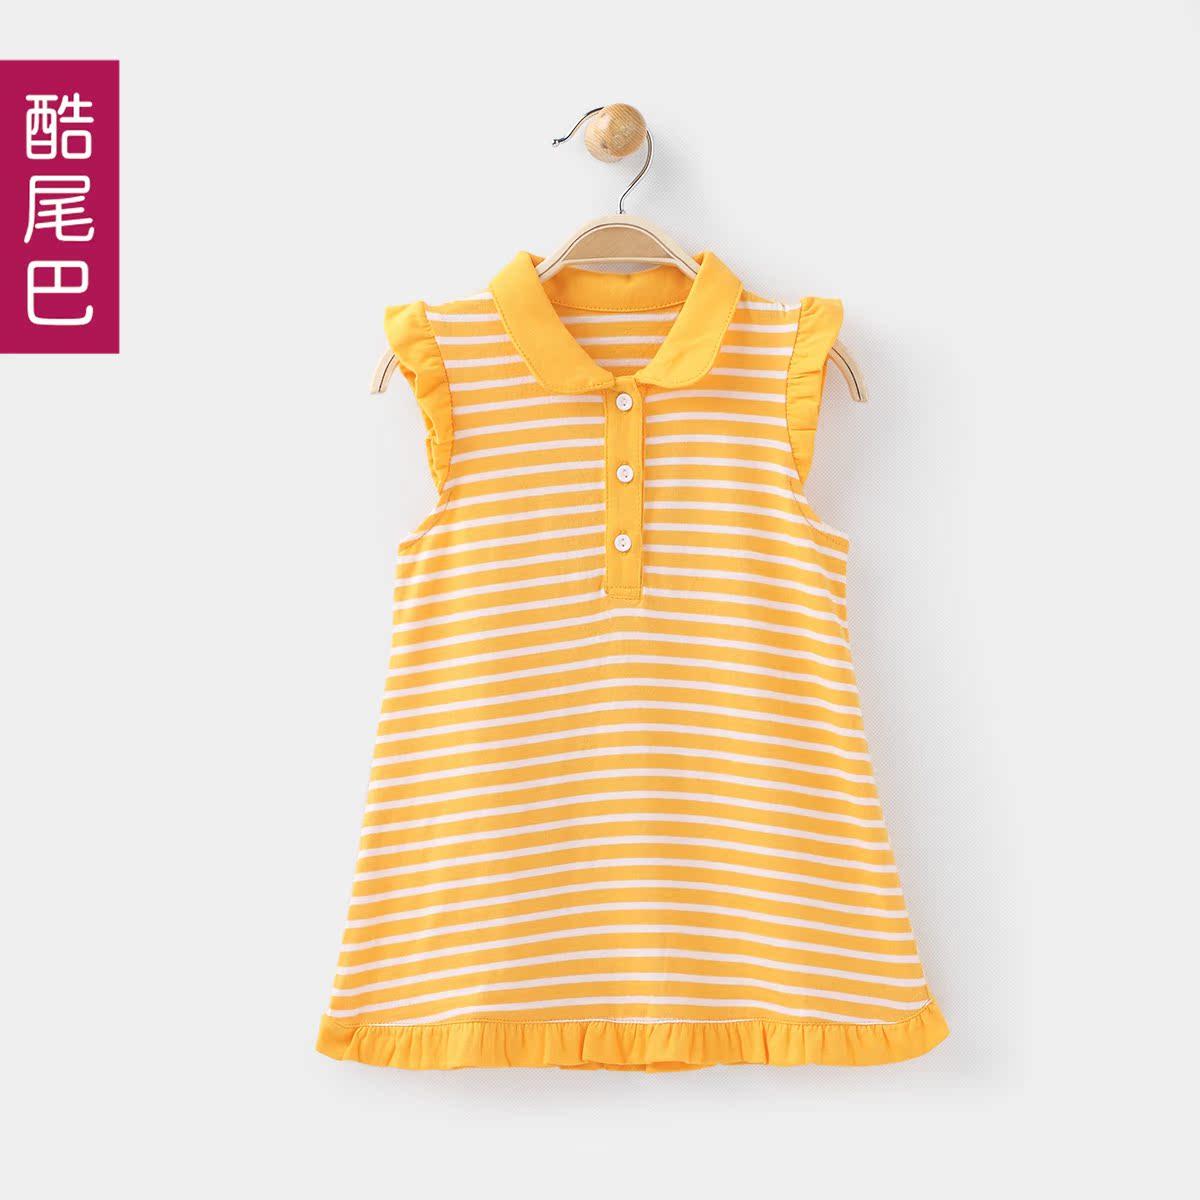 女寶寶夏裝 吊帶背心裙純棉春裝0~1歲女嬰短袖吊帶裙女童公主裙子